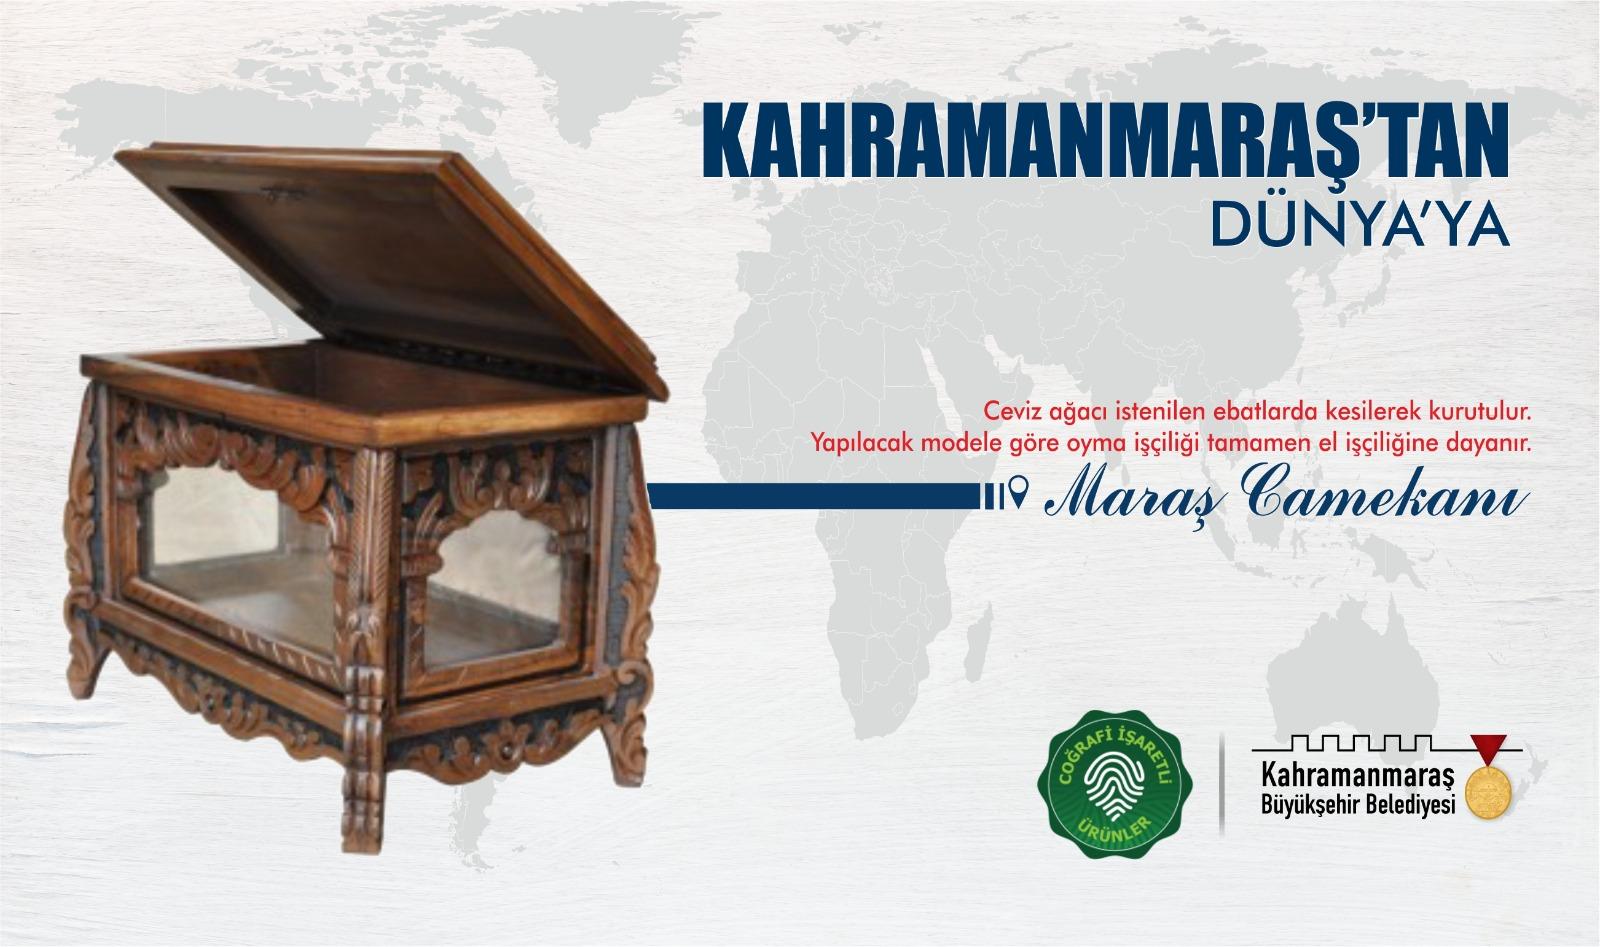 Kahramanmaraş Büyükşehir, Maraş Camekanı ile Maraş Rahlesi'ni Tescilledi